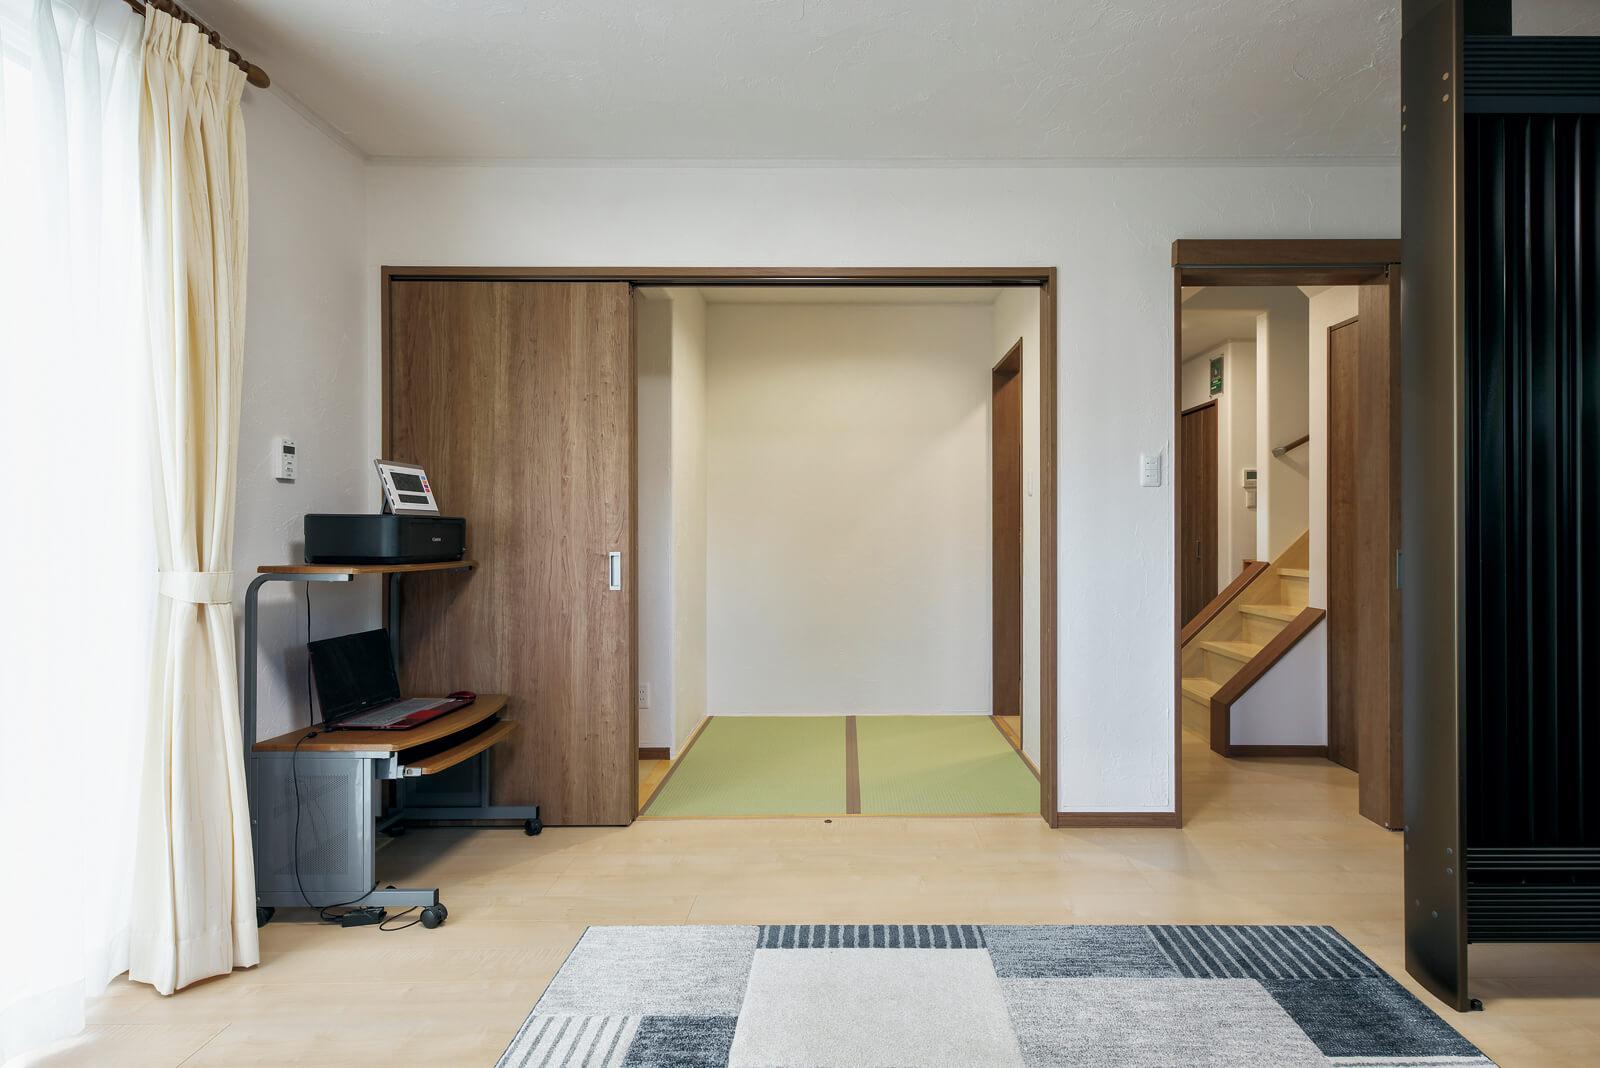 LDKとつながる和室は将来仏壇を置く部屋として設けた。床暖房入りなので横になっても気持ちが良い